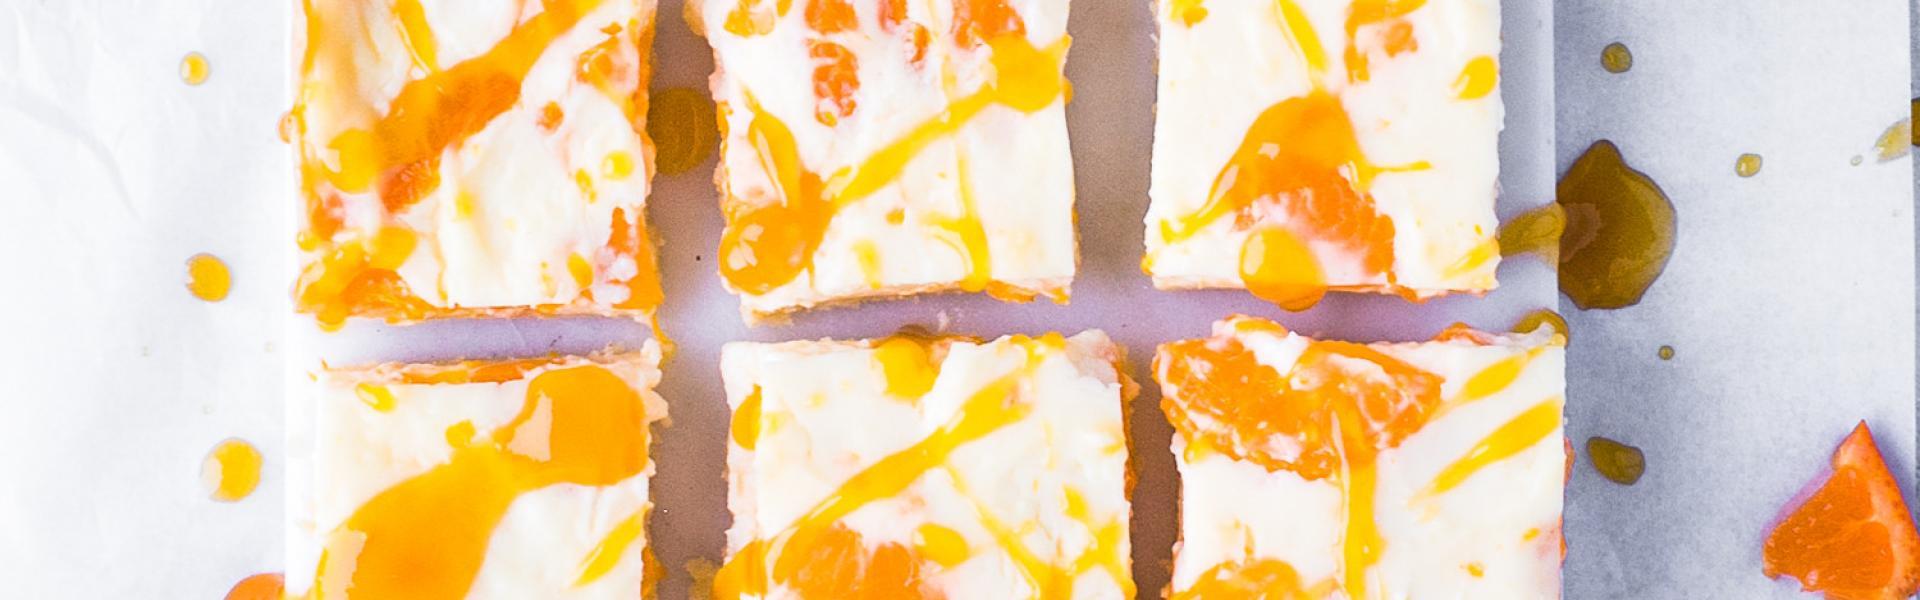 Mandarinen-Schmand-Kuchen vom Blech in Stücke geschnitten auf weißer Platte.